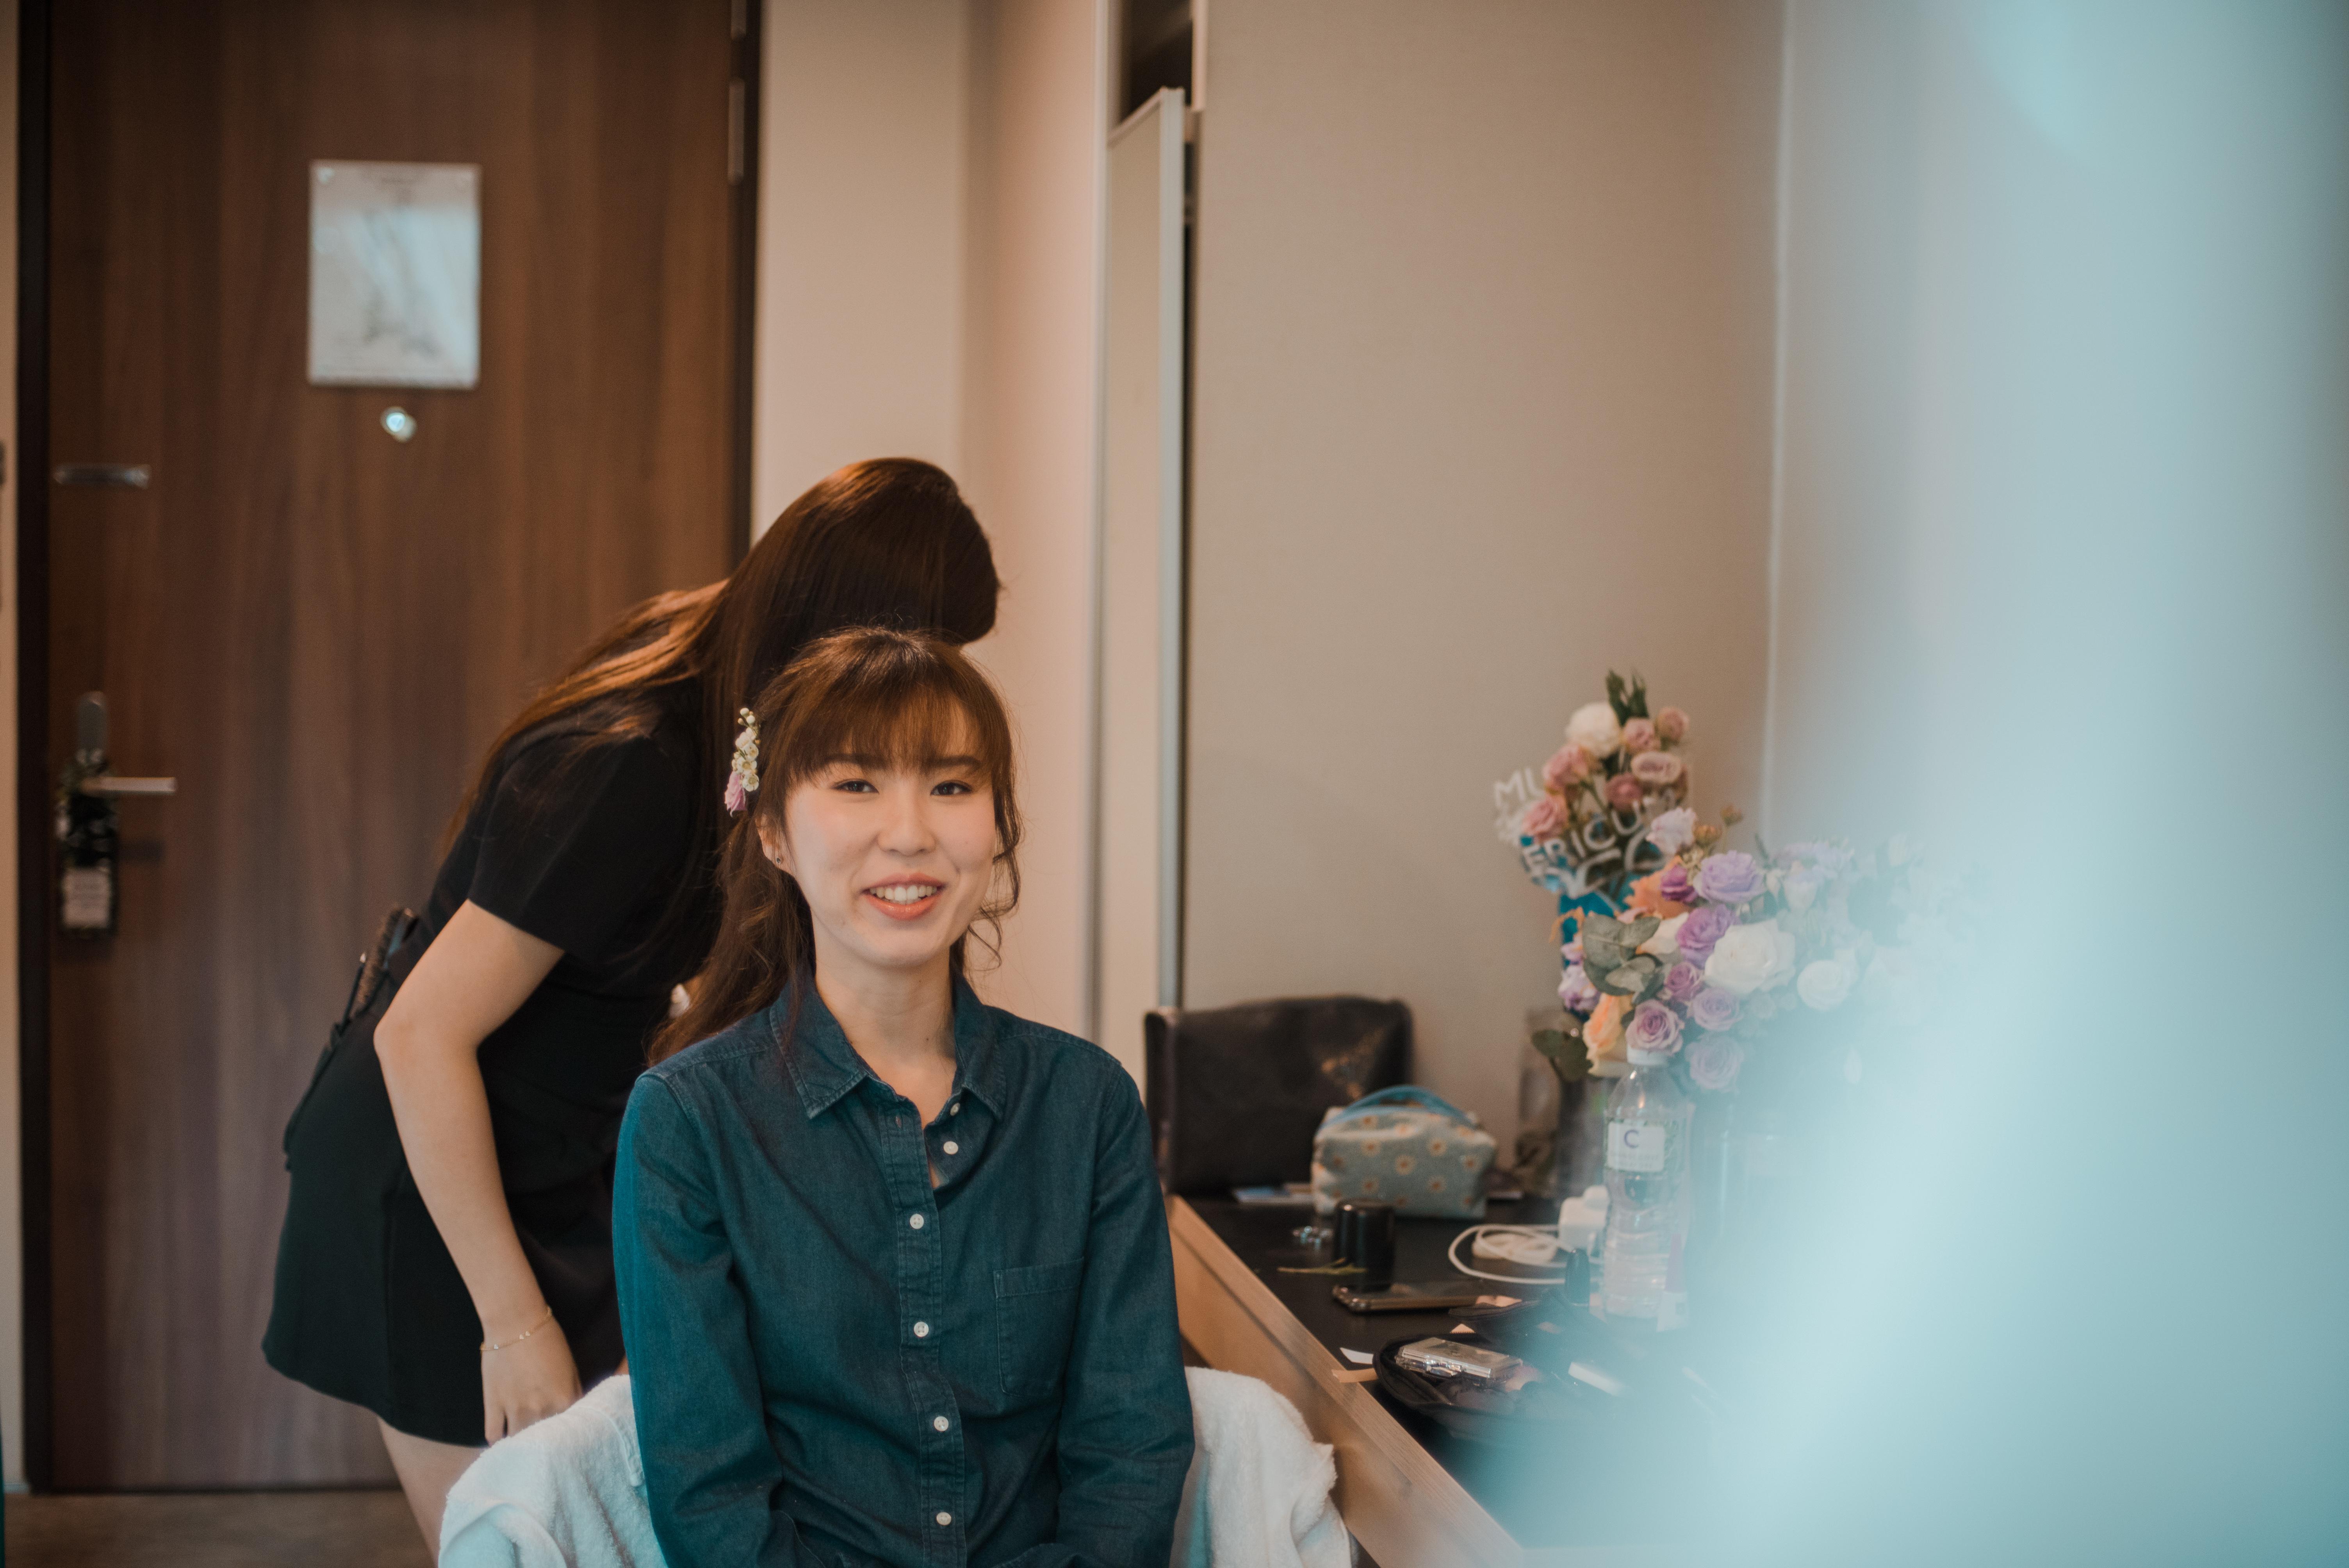 XiaoWenSarah_002